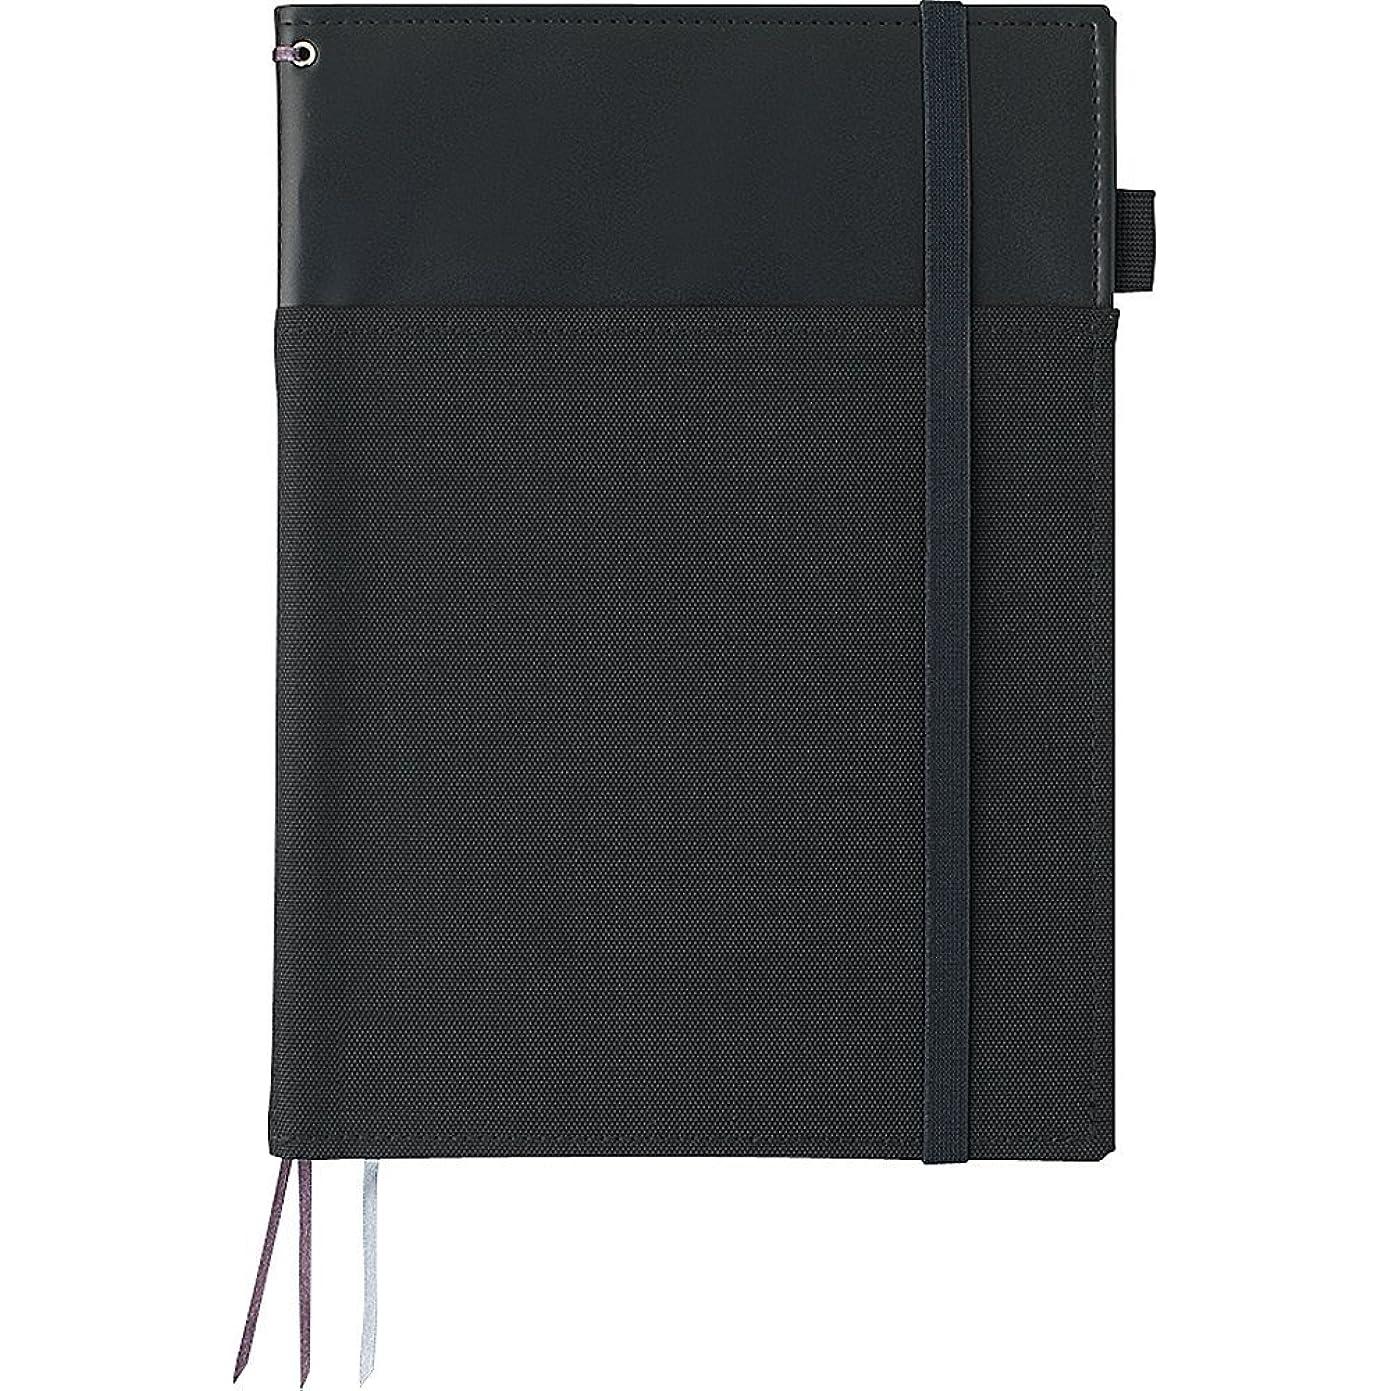 定期的なかご組み立てるコクヨ カバーノート システミック リングノート対応 B5 レザー調 黒 40枚 ノ-V683B-D 【まとめ買い3冊セット】